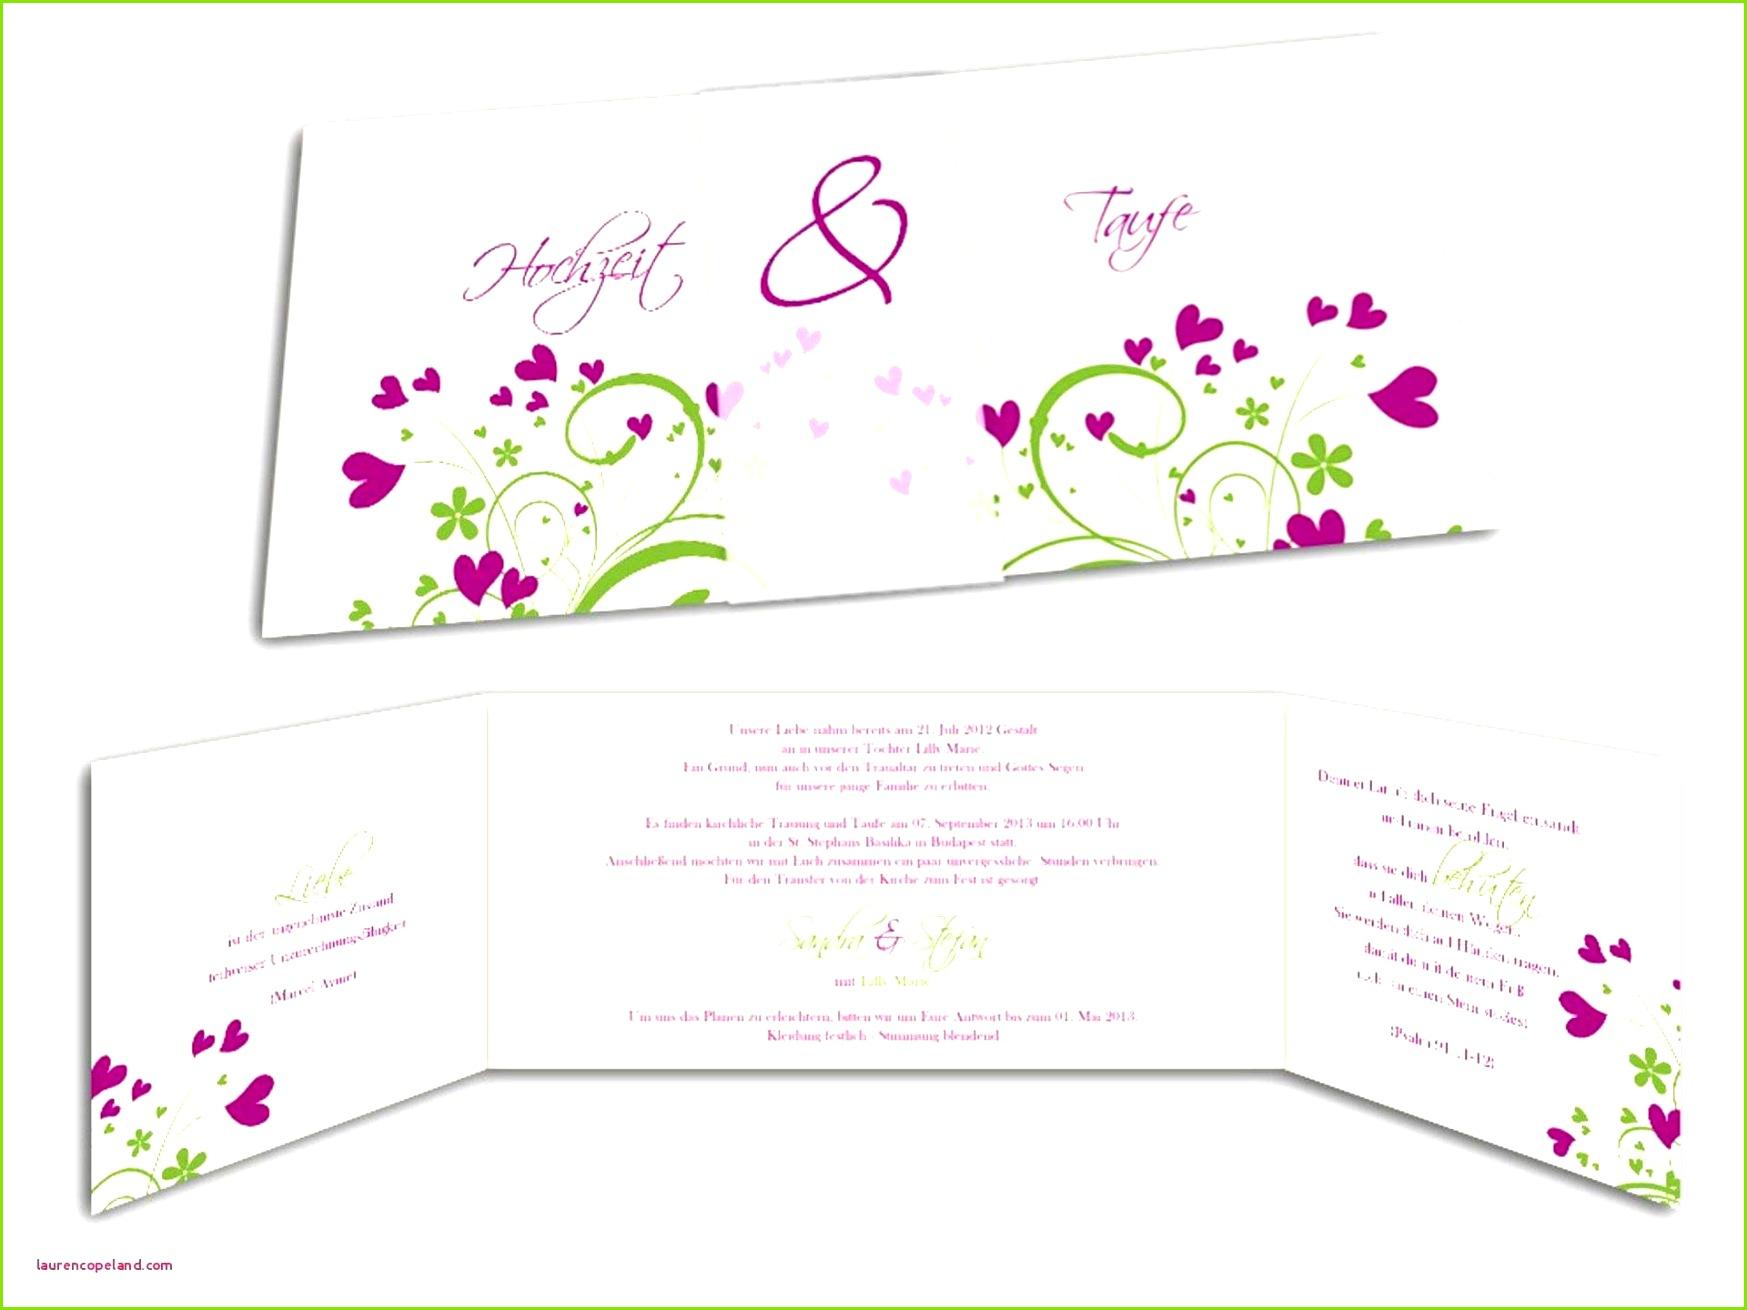 Sitzplan Hochzeit Vorlage Vorlage Hochzeitskarte Neu Media Image 0d 59 82 Hochzeitsordner